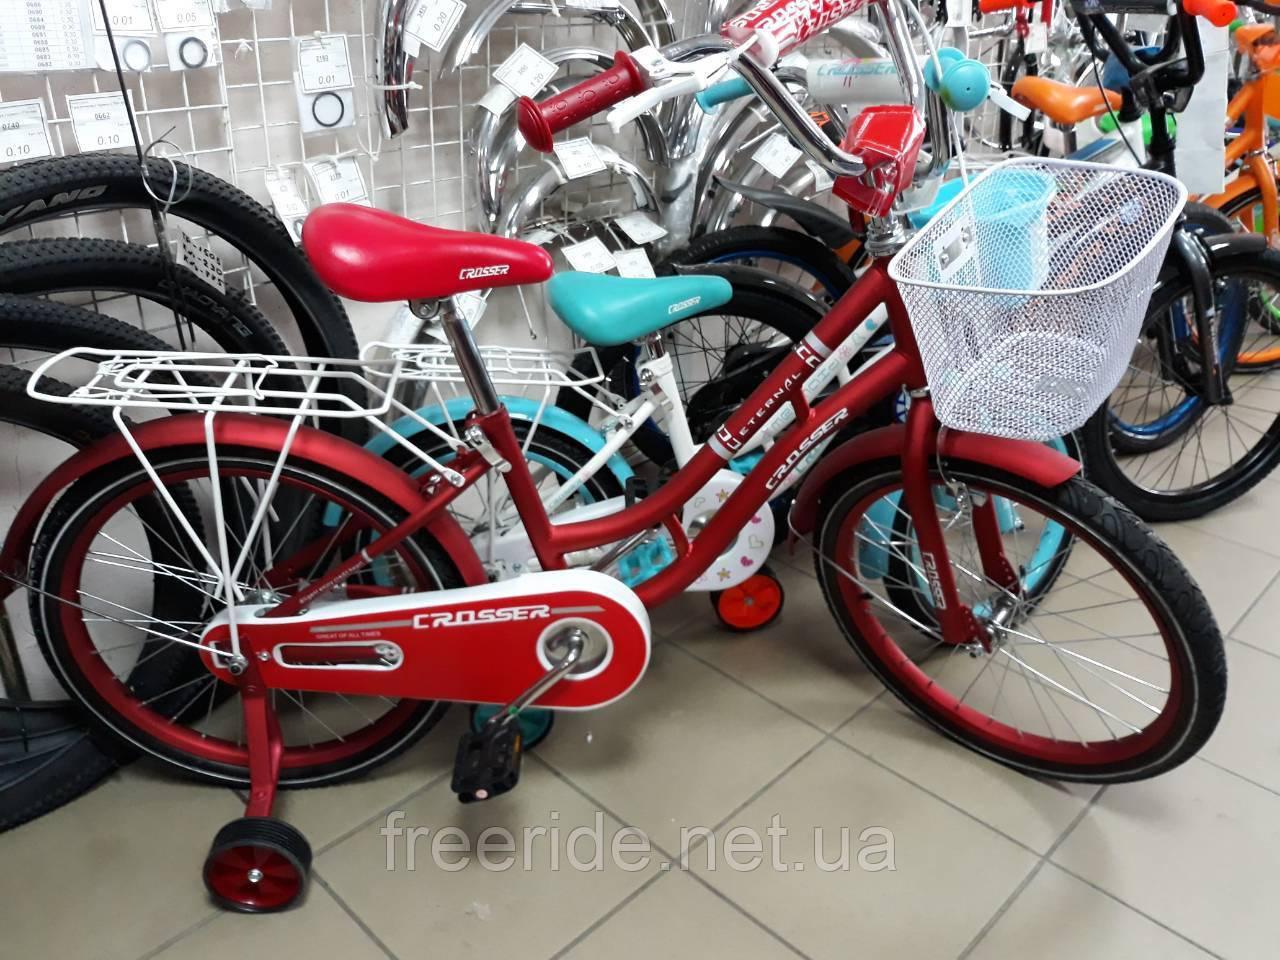 Детский Велосипед Crosser Eternal 16